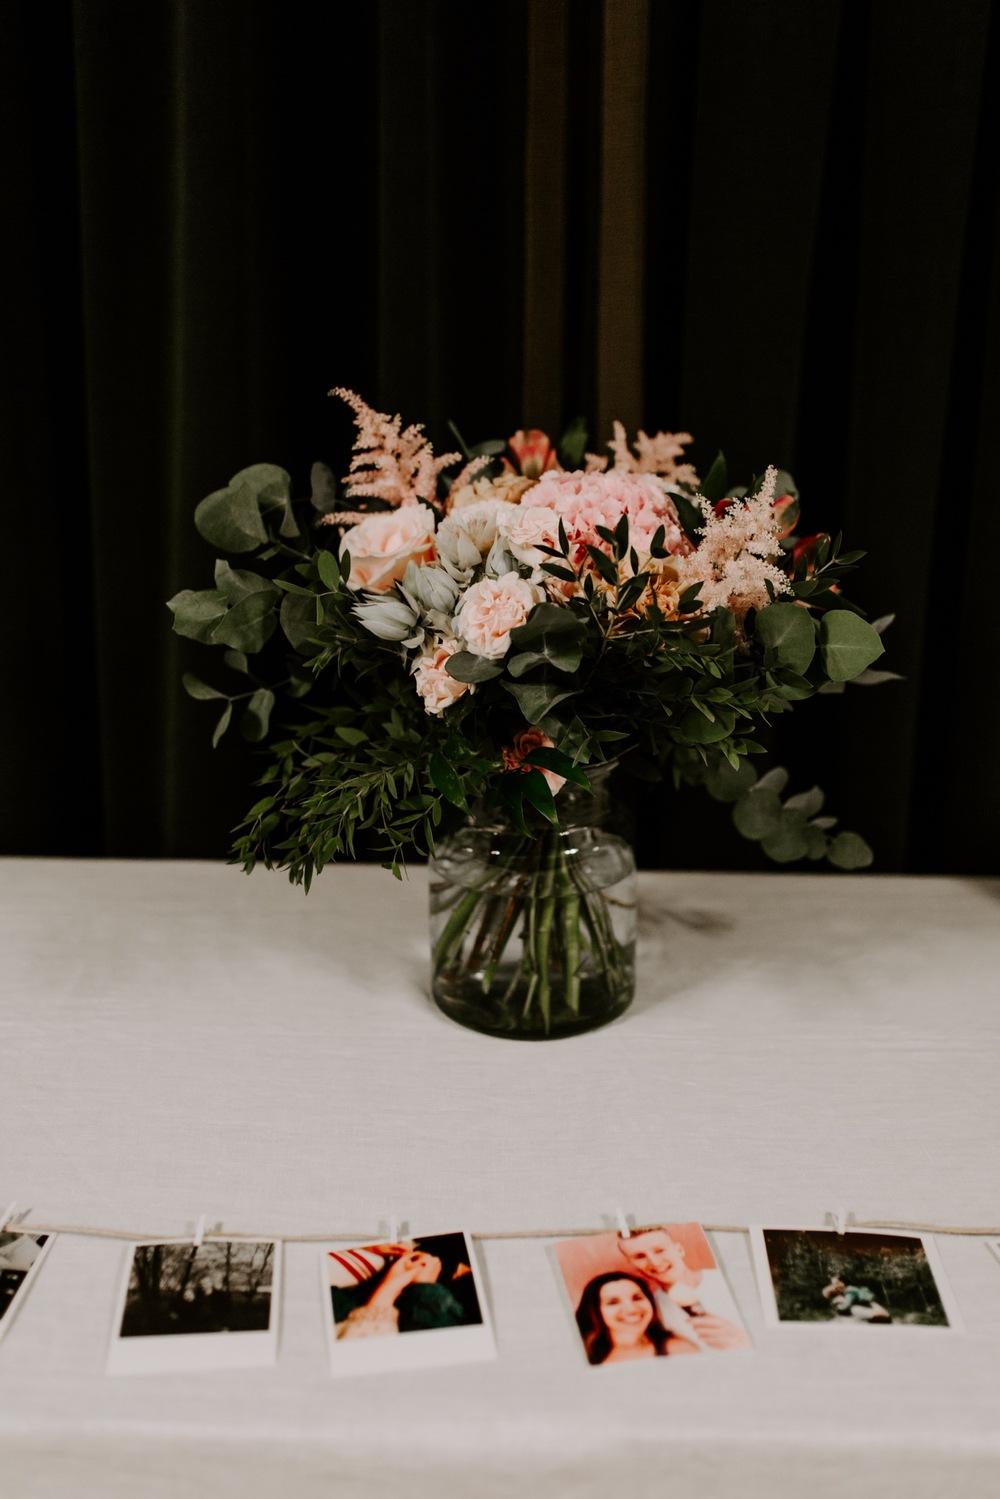 Hääkimppu yksityiskohdat. Wedding decorations with photos.